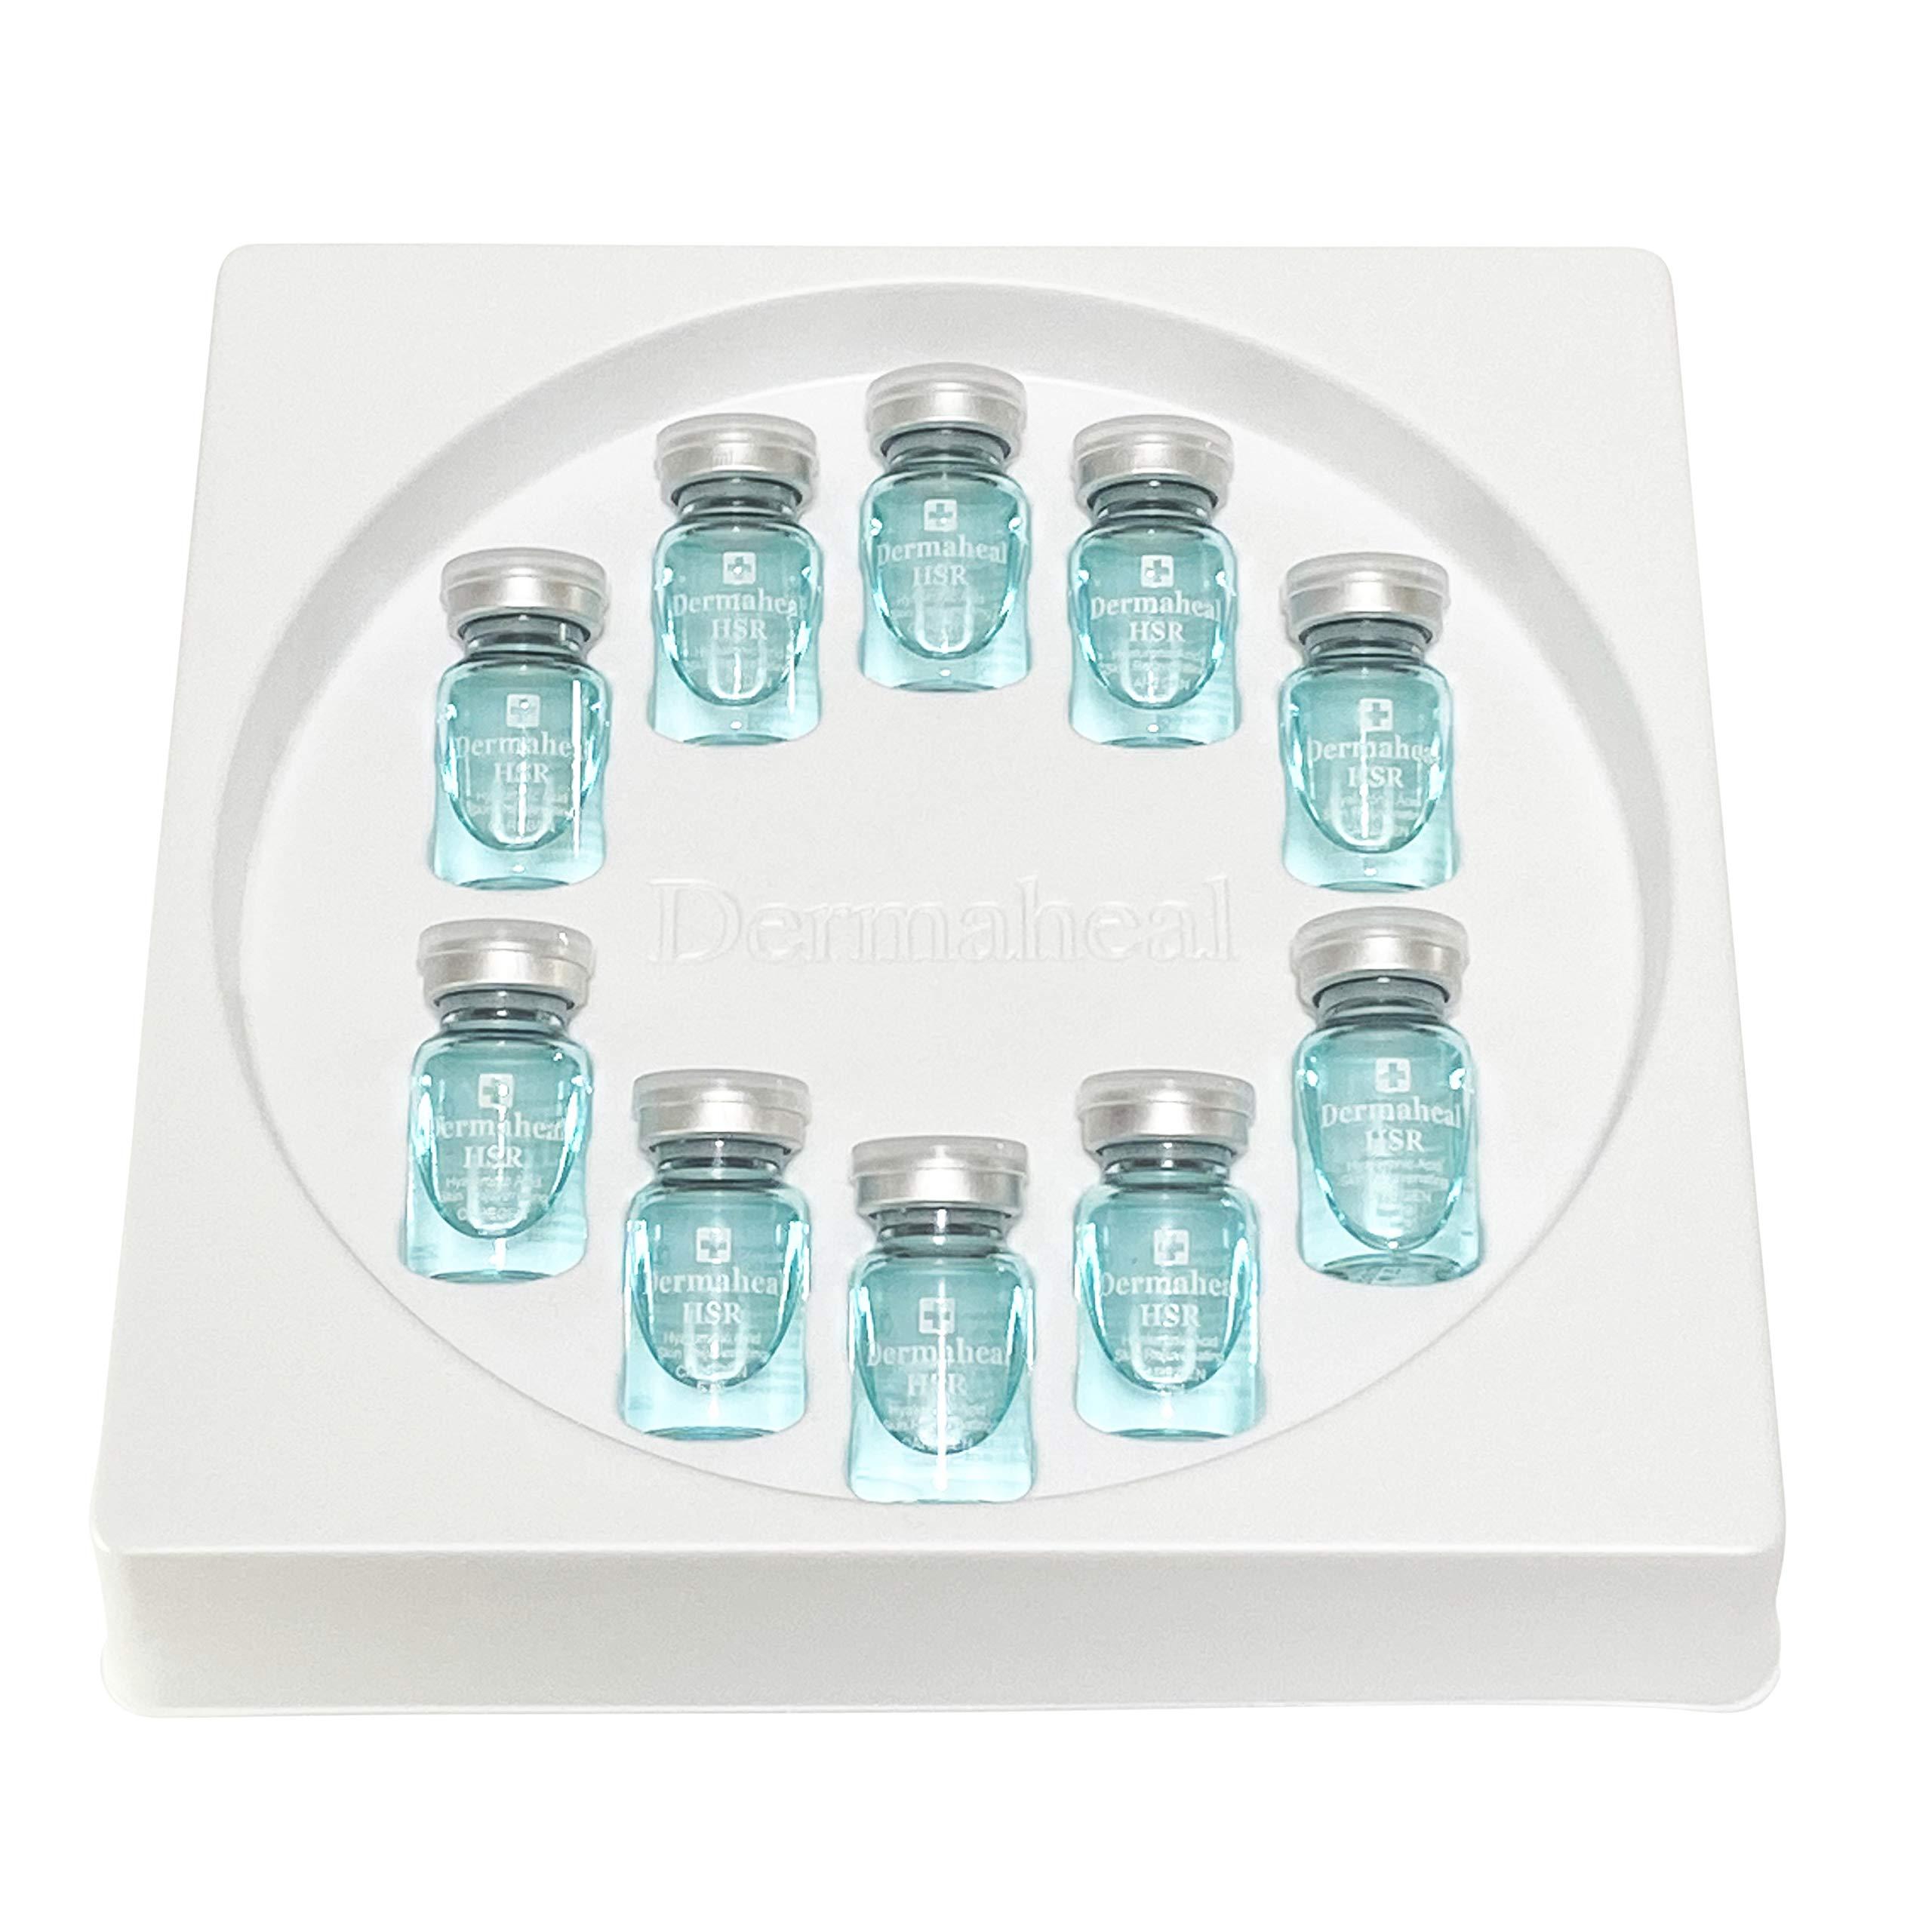 Dermaheal HSR (1% Hyaluronic Skin Rejuvenating) 5mlx10vials/set PT